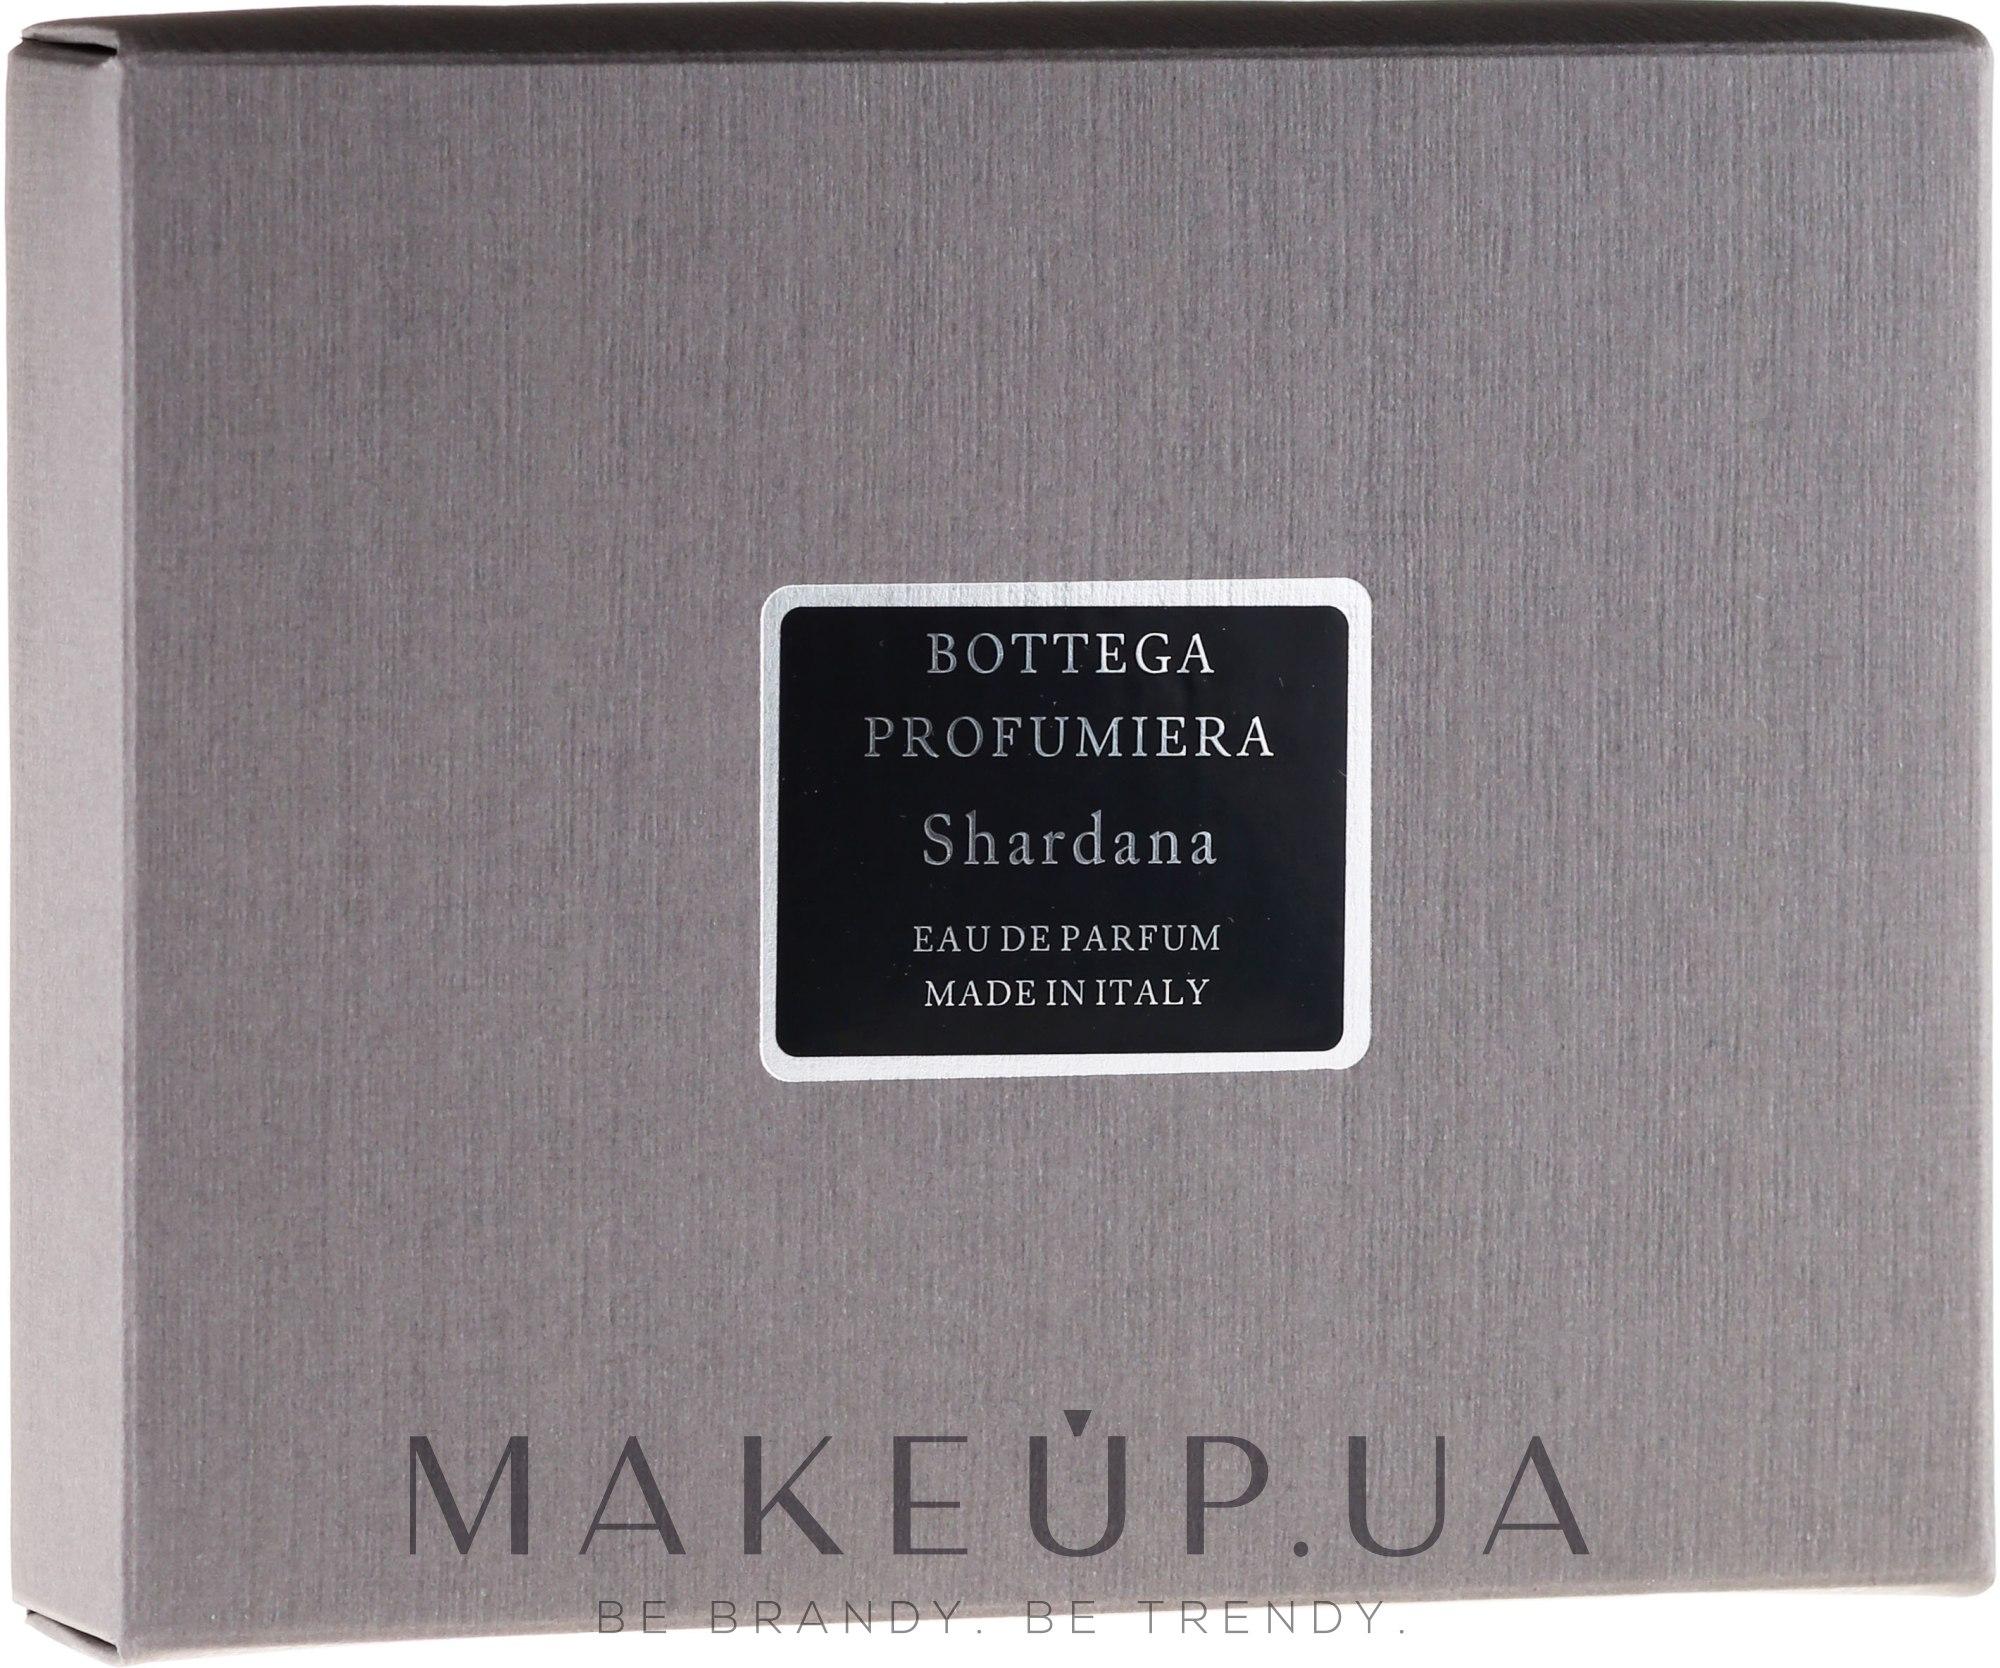 Bottega Profumiera Shardana - Набор (edp/3x15ml): купить по лучшей цене в Украине - MAKEUP